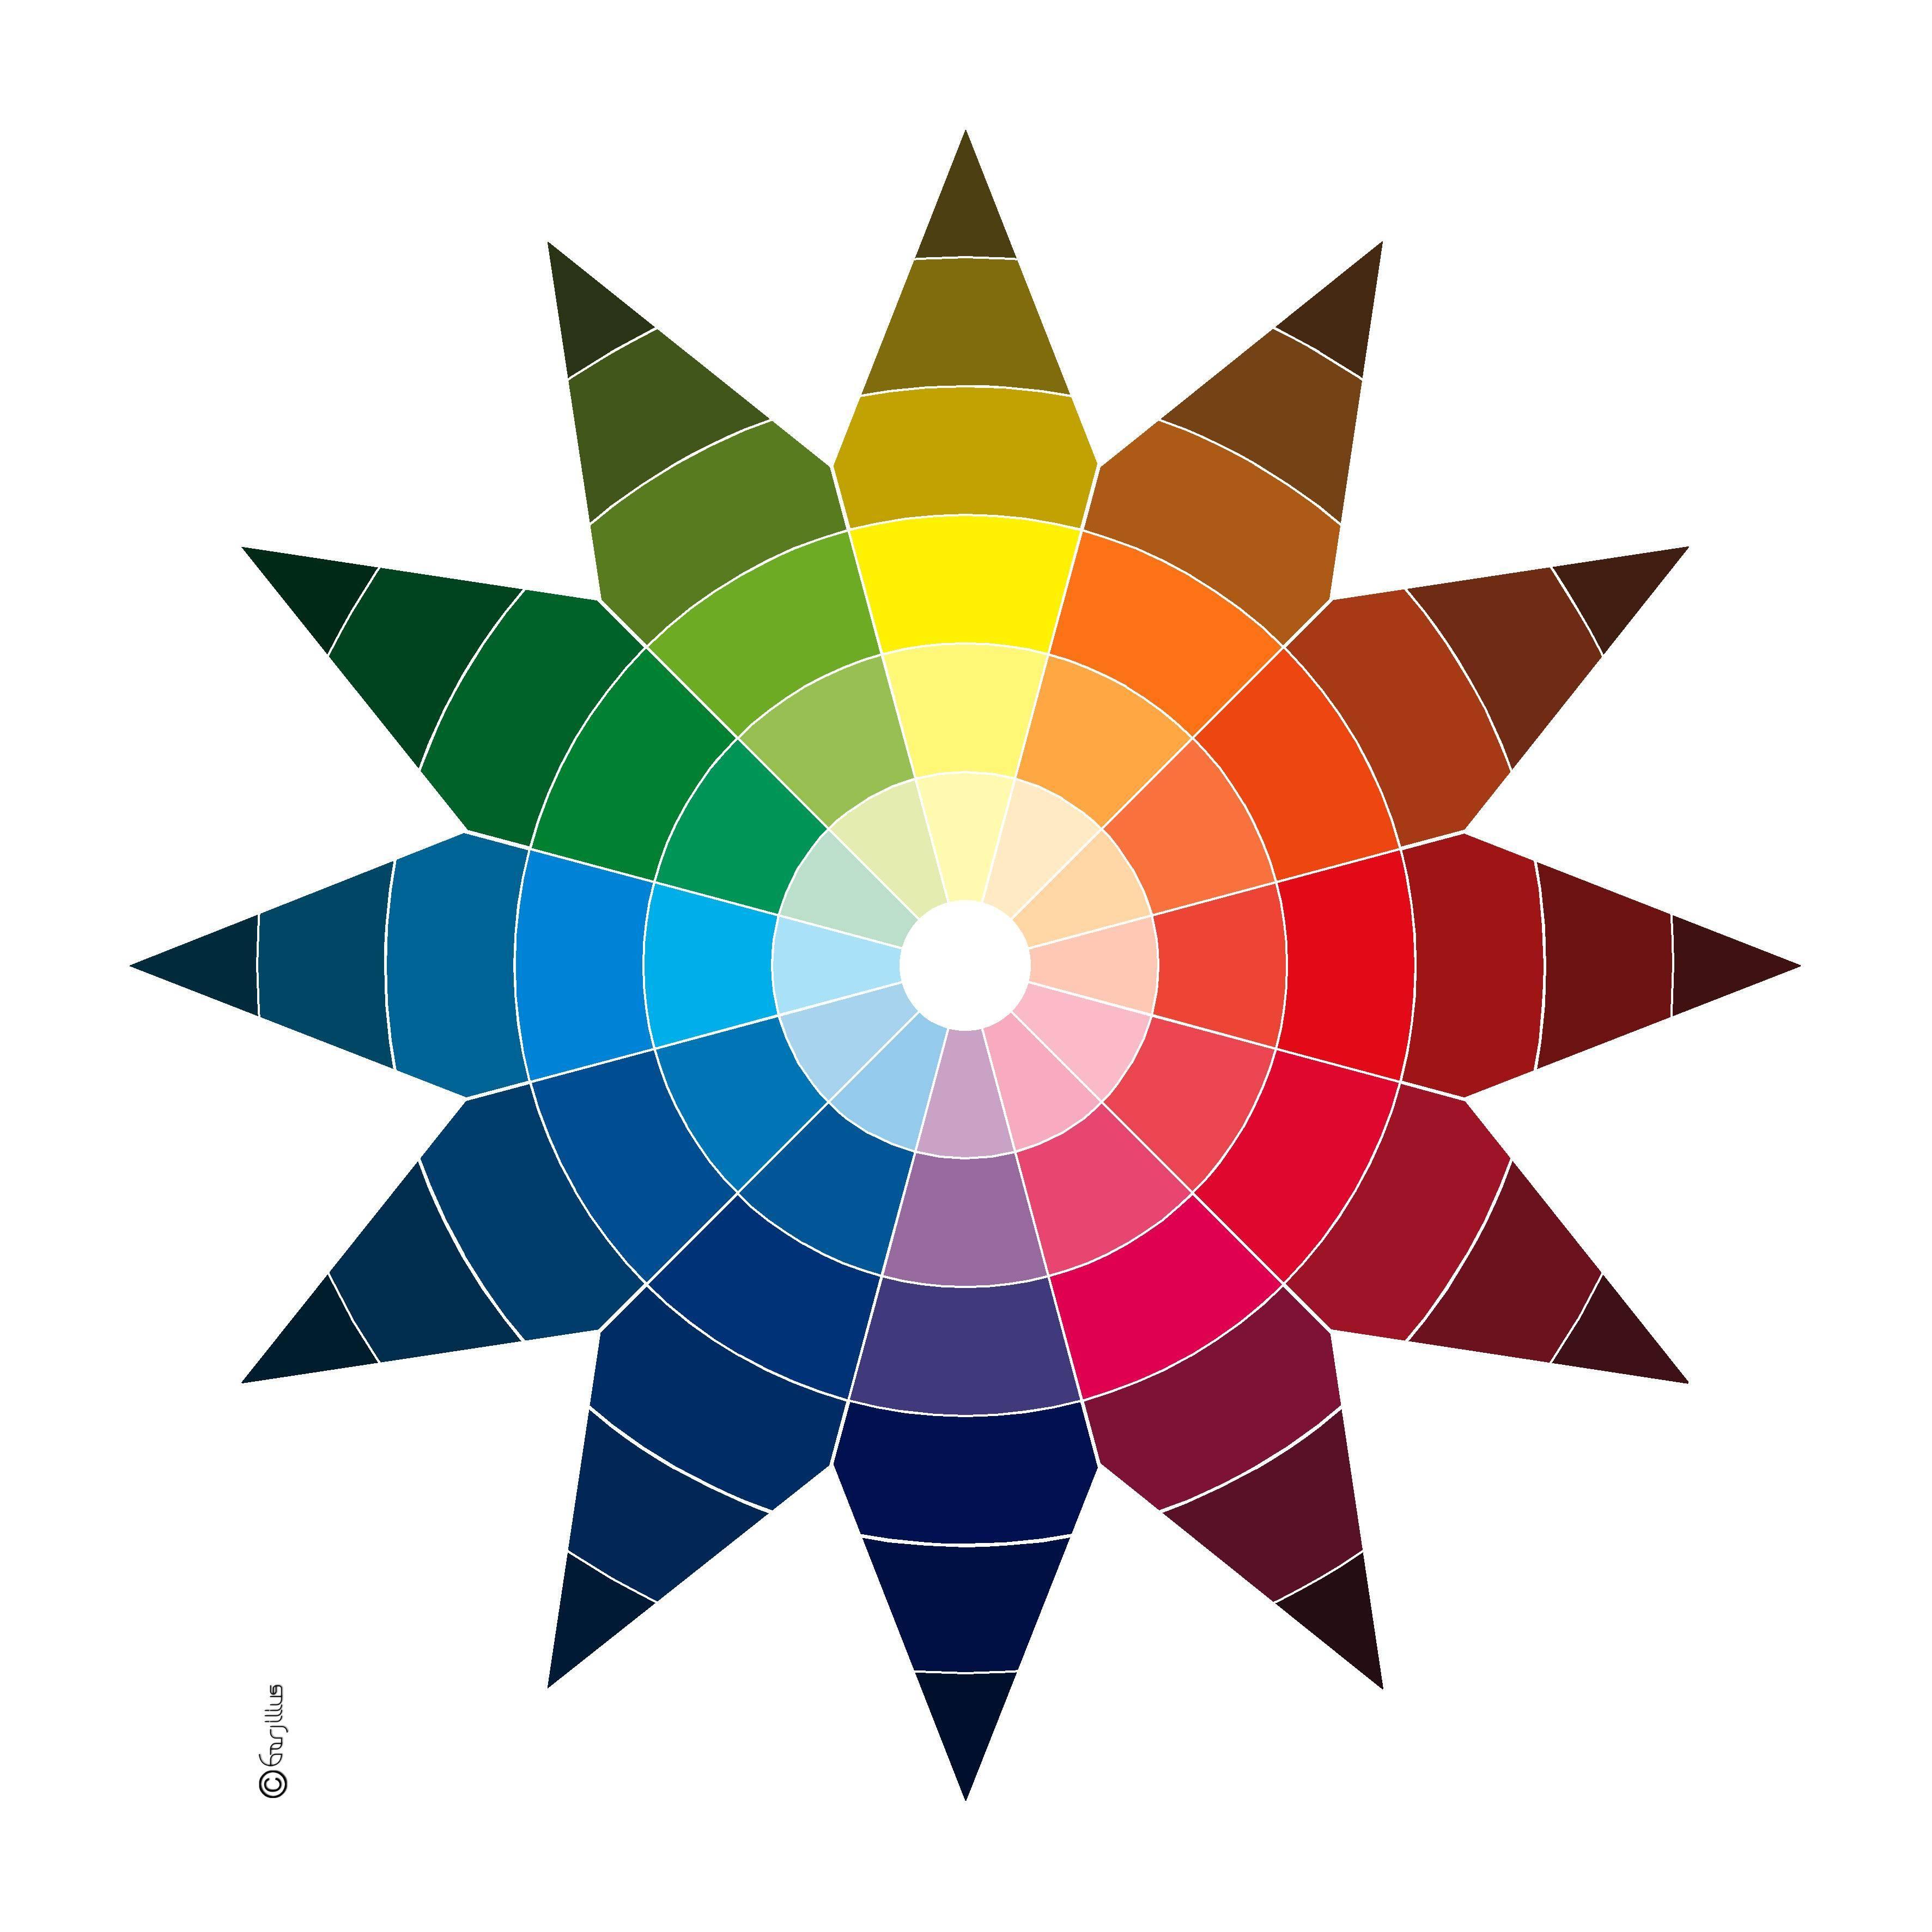 Колористика волос (41 фото): таблица для правильного смешивания различных красок и цветов, уровни тонов от 1 до 10. что такое круг освальда для колористики?